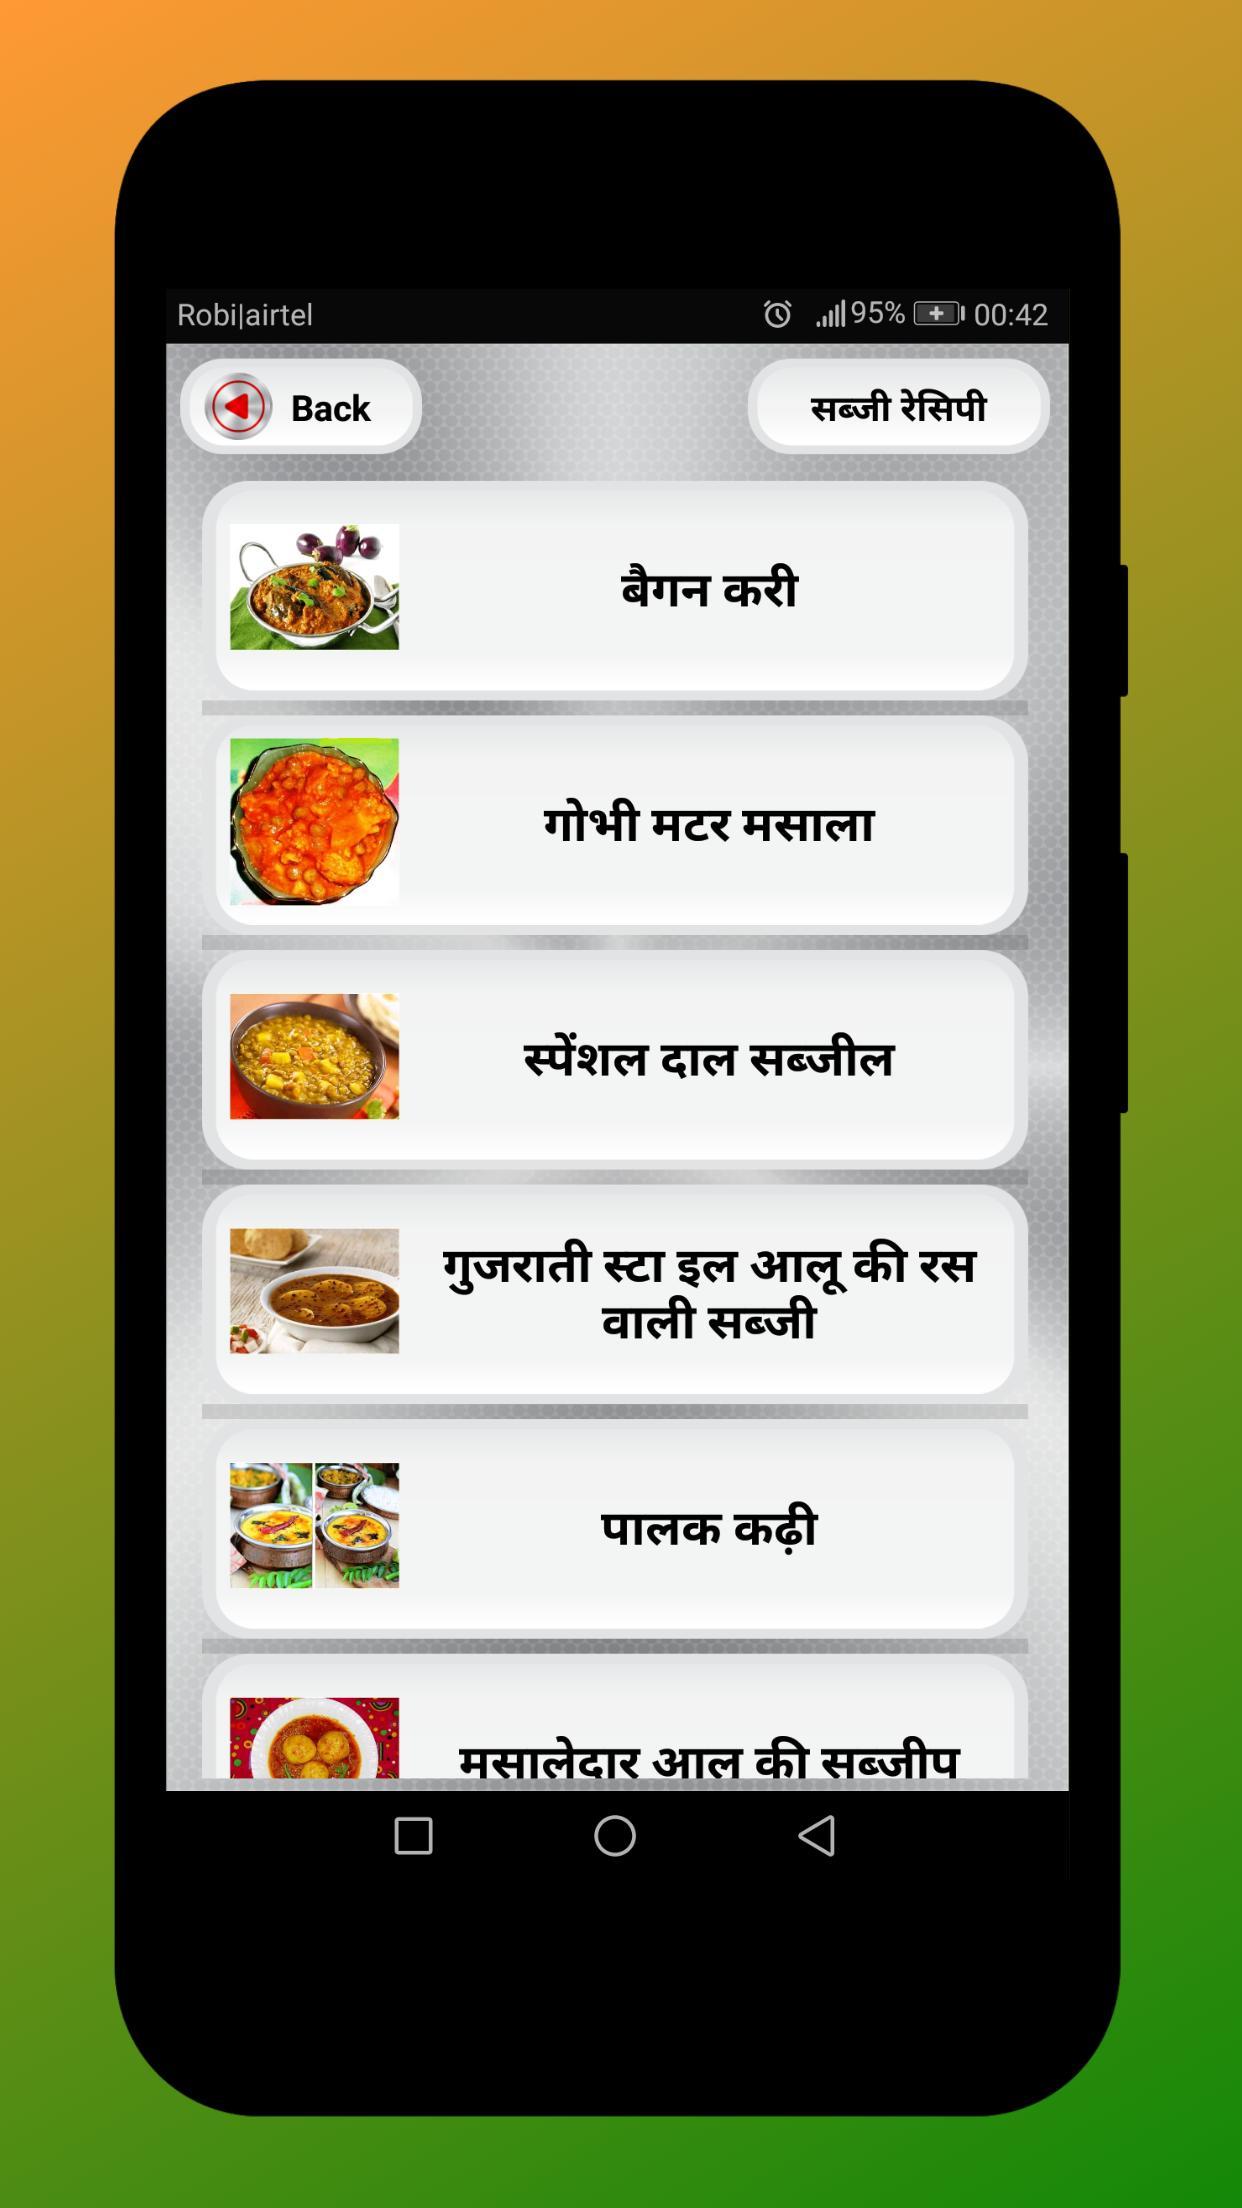 Sabji Recipes in Hindi 🍛 सब्जी बनाने की रेसिपी poster